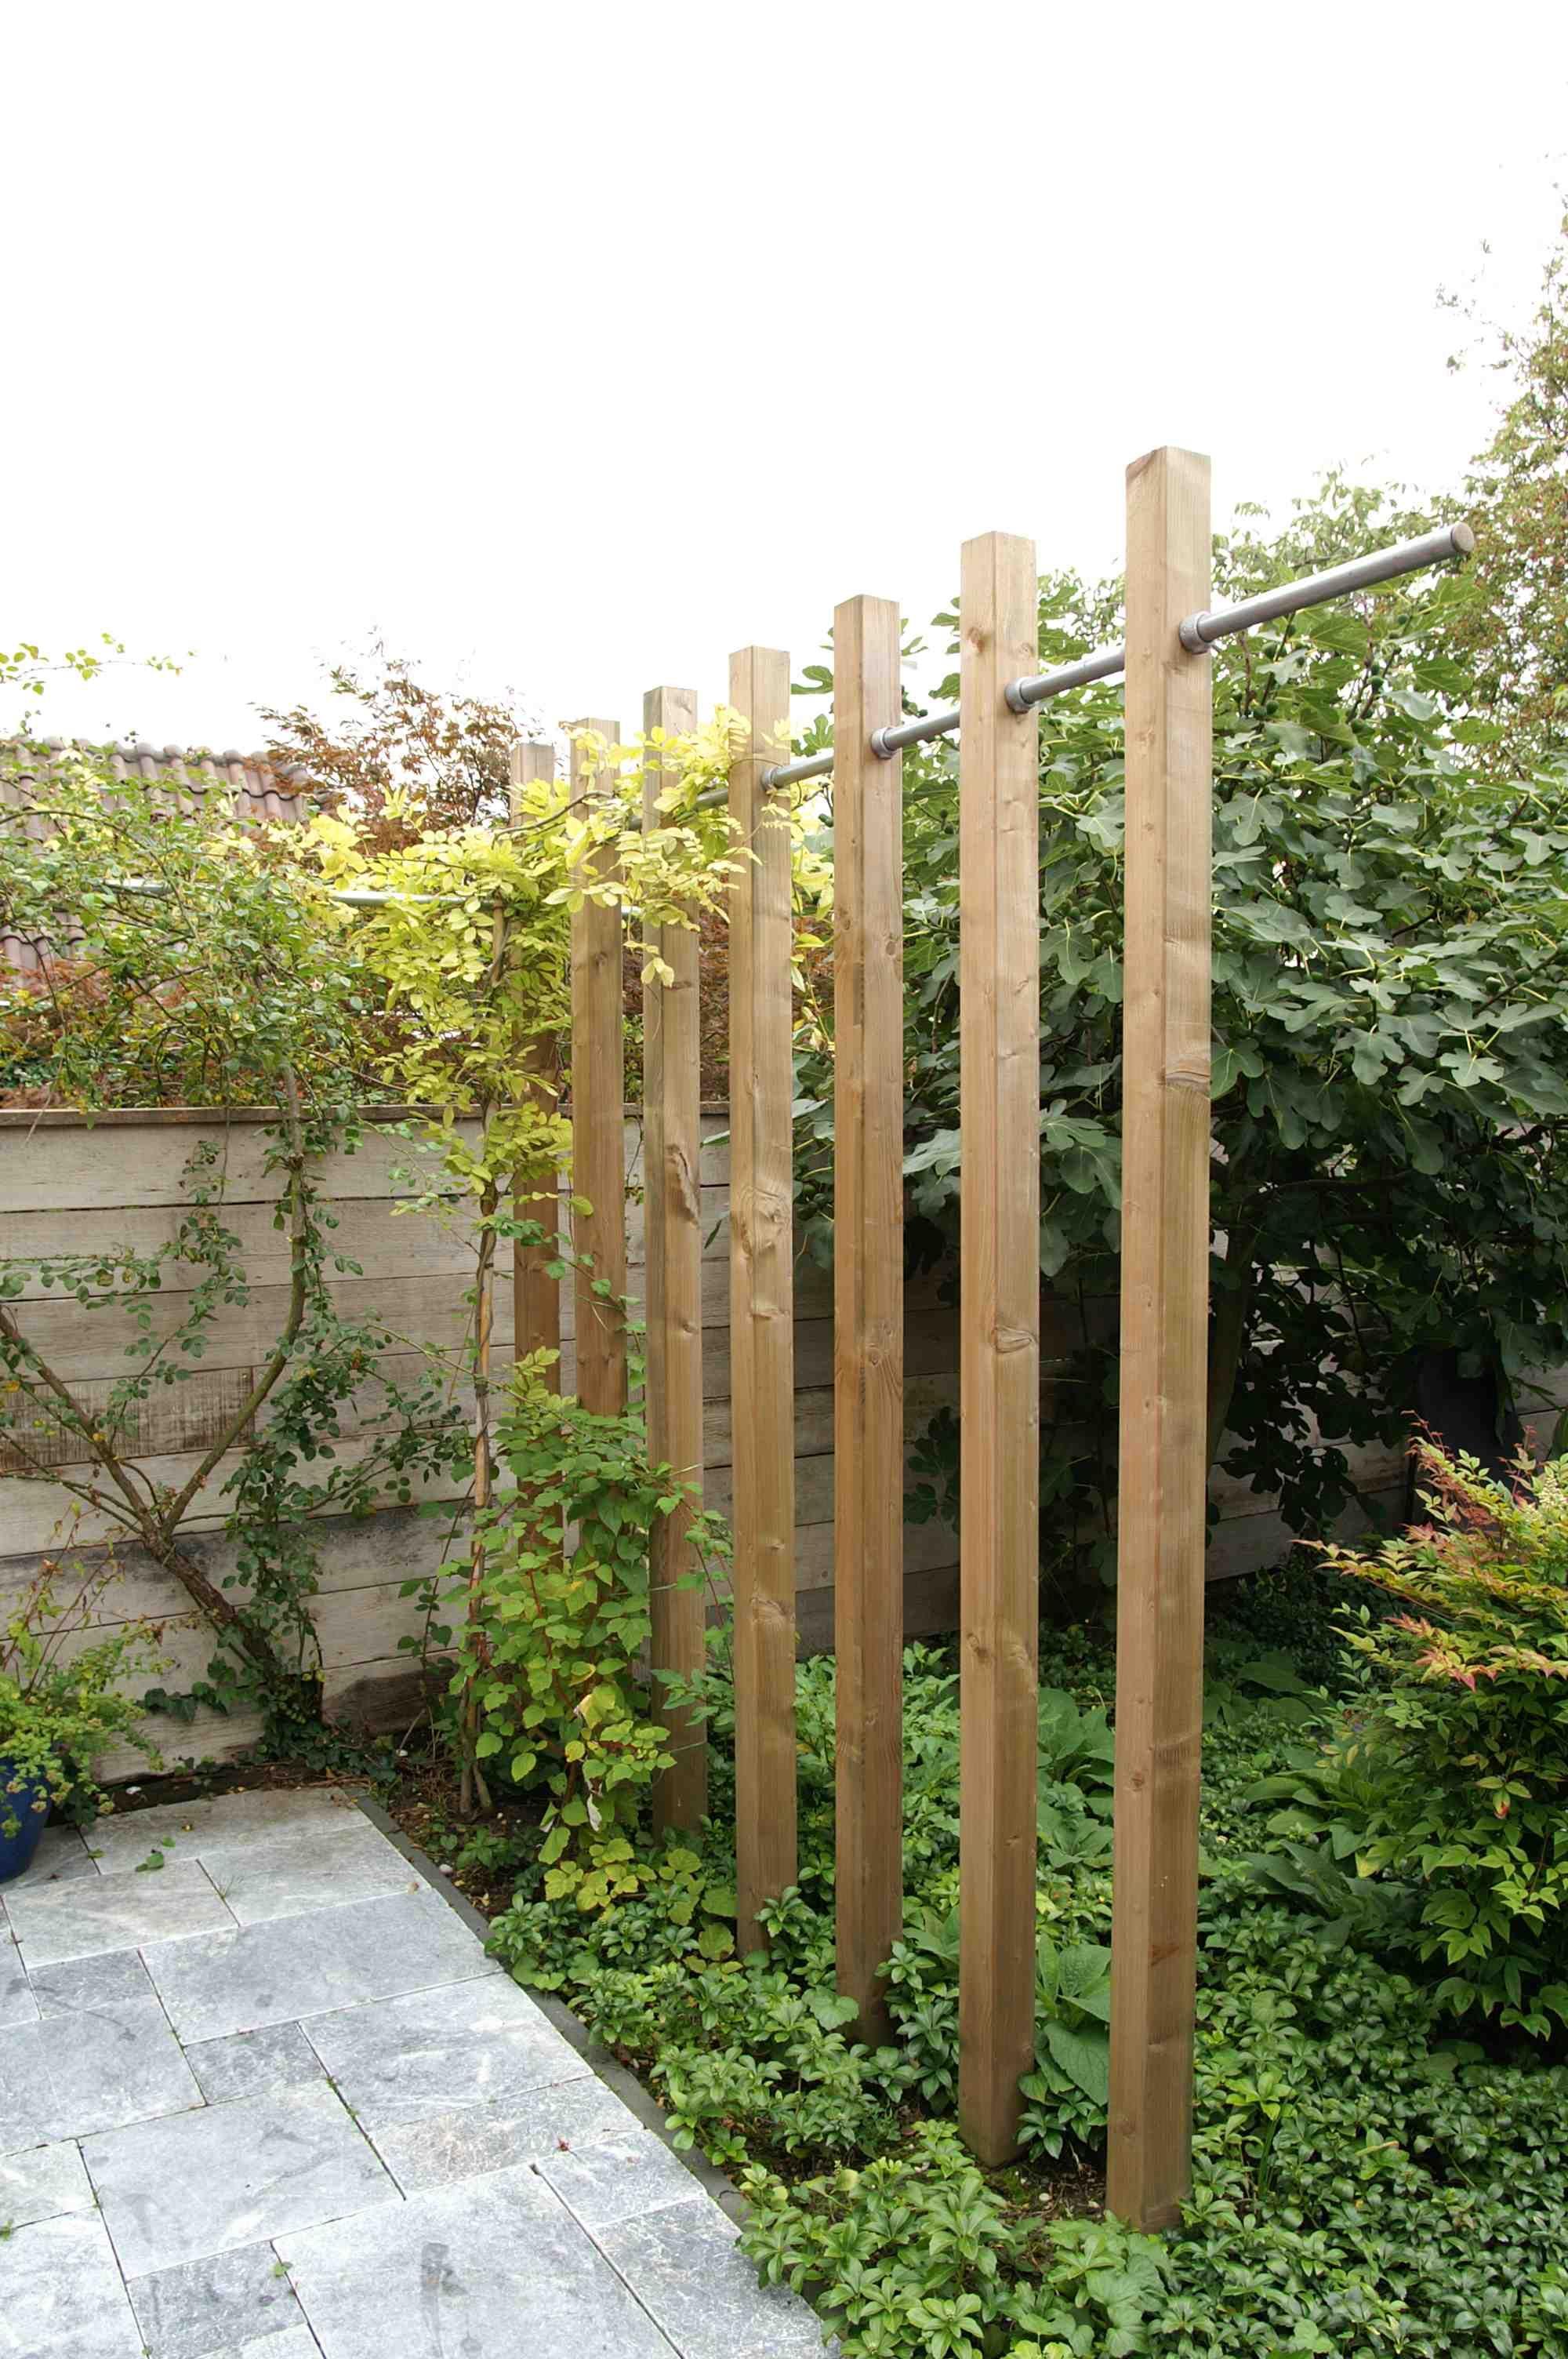 more a garden wall or garden room divider than pergola, yet ...